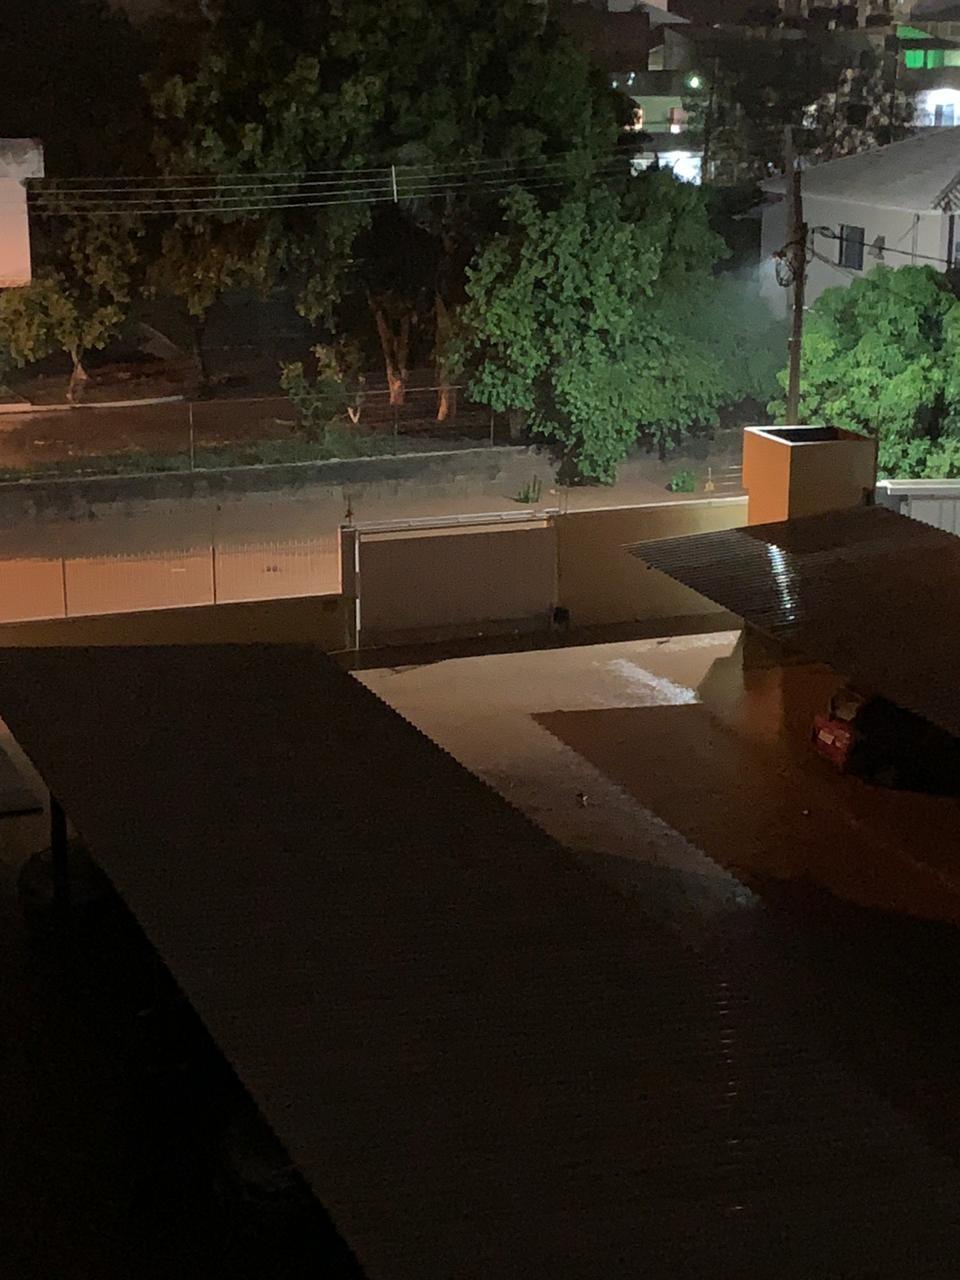 Moradores registram pontos de alagamento após chuva em Itaperuna, no RJ - Noticias